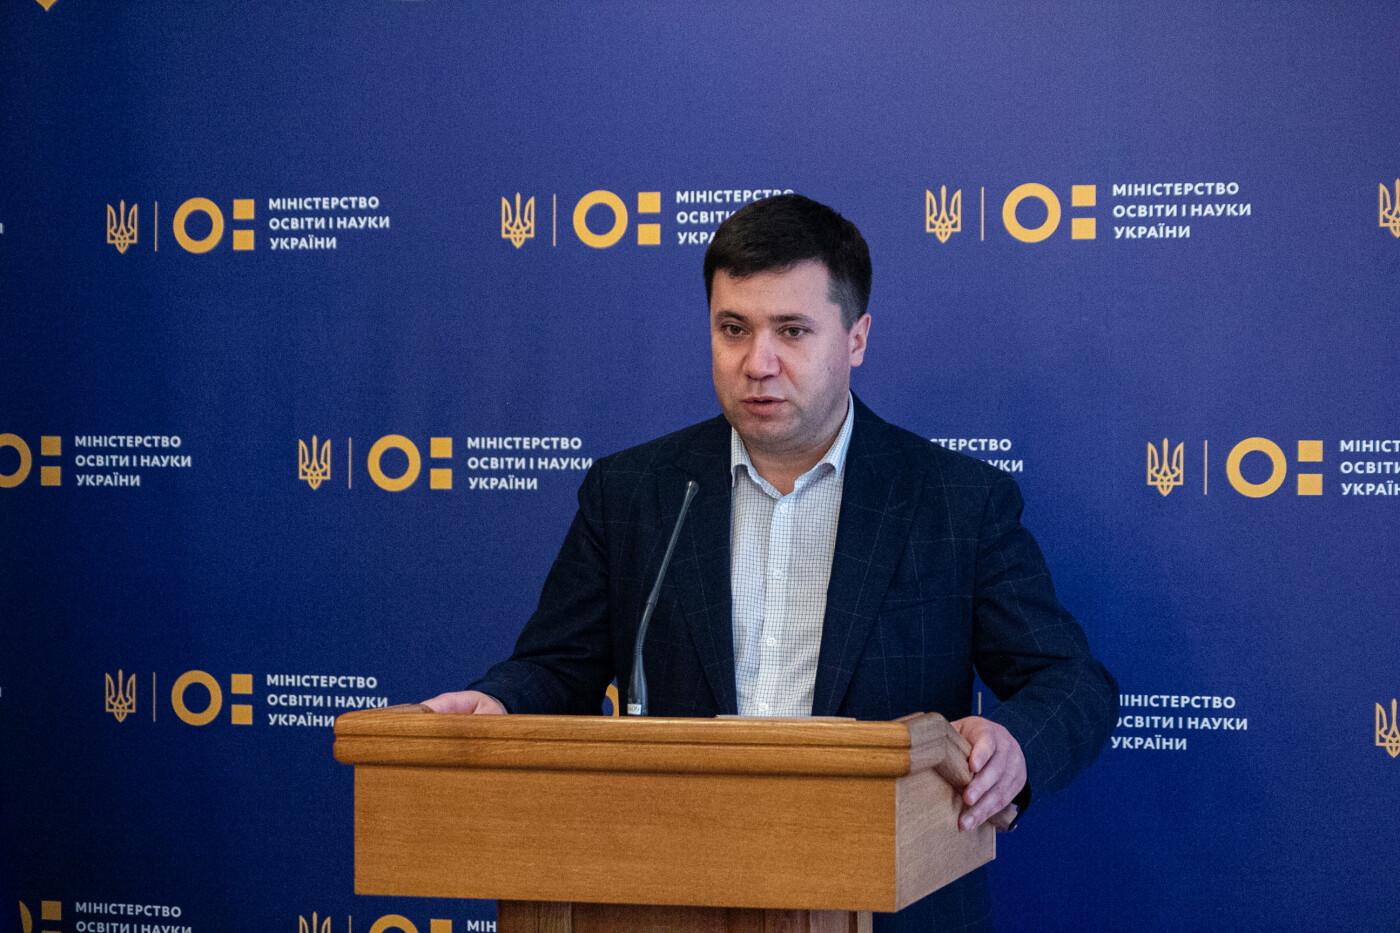 ВУЗ из Северодонецка стал лидером среди поступающих с временно оккупированных территорий , фото-1